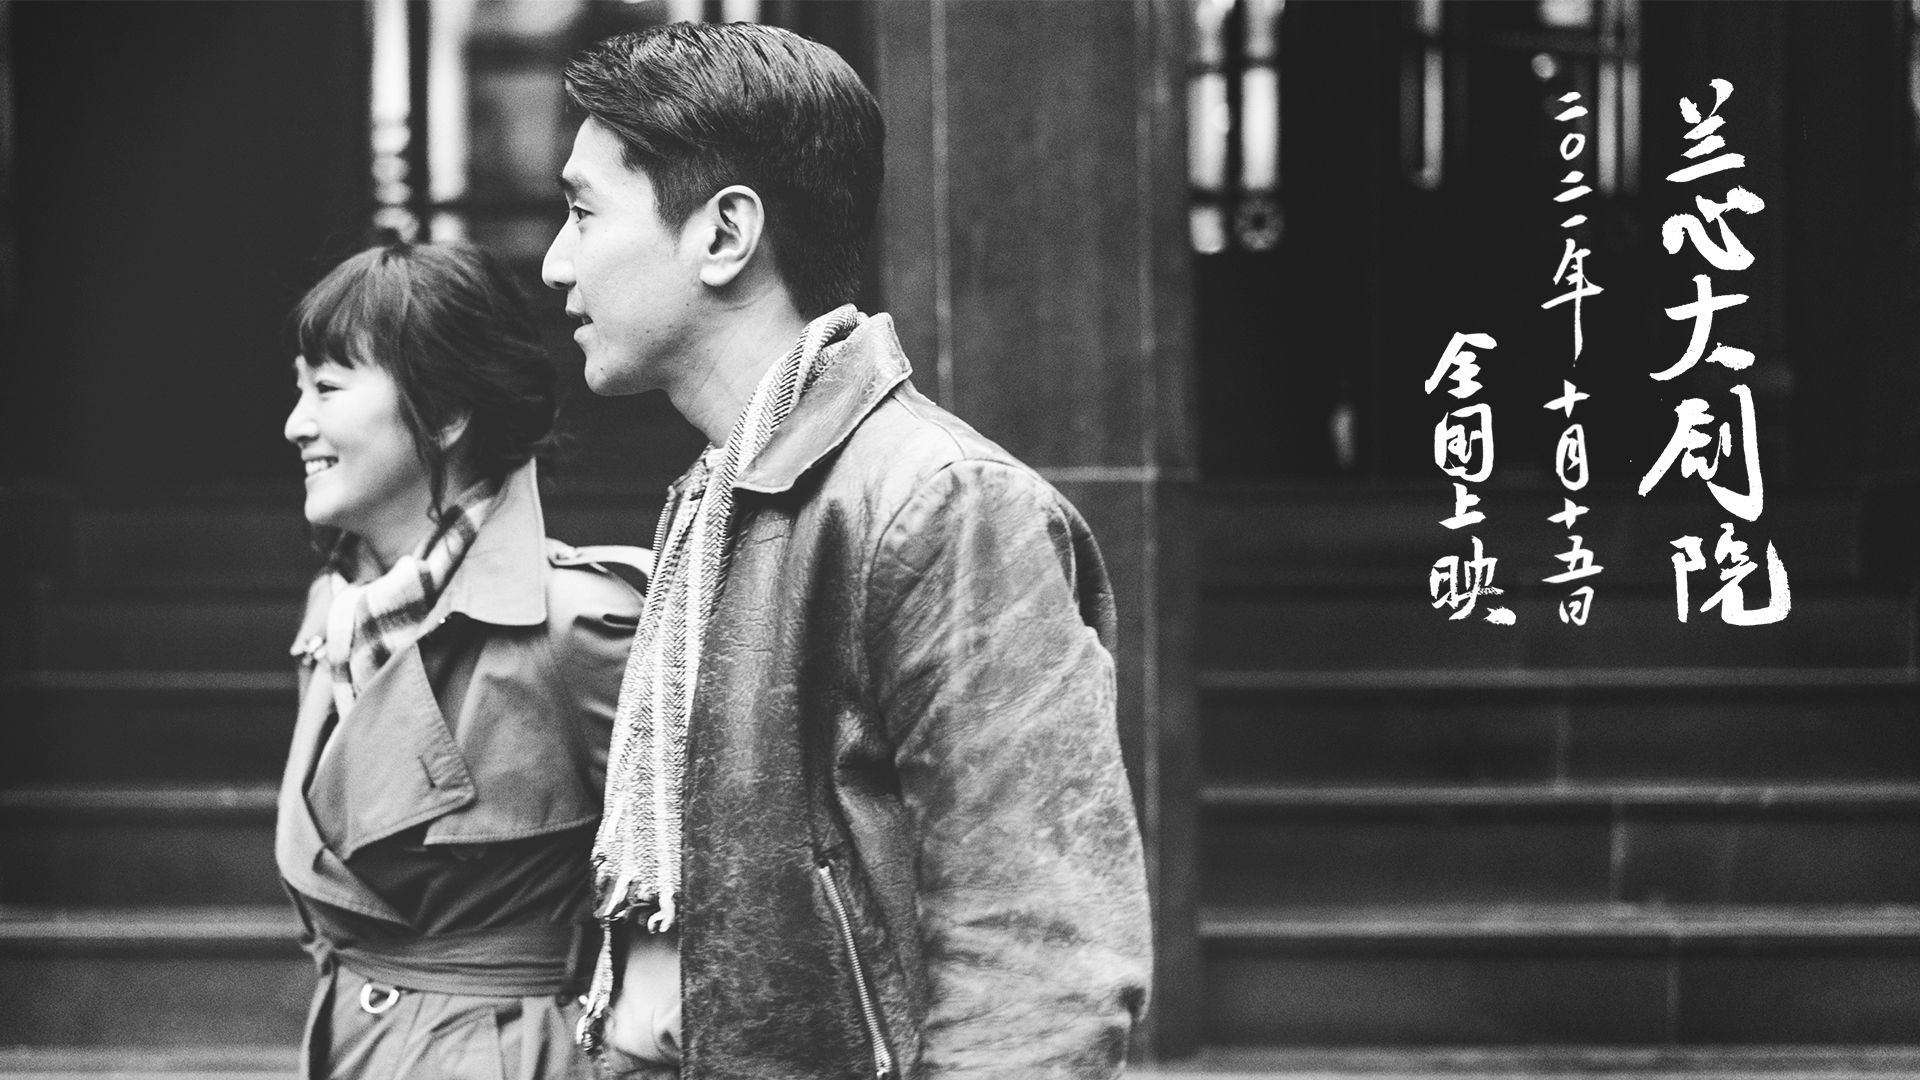 《兰心大剧院》发娄烨导演特辑,巩俐素颜出镜还原演员本色